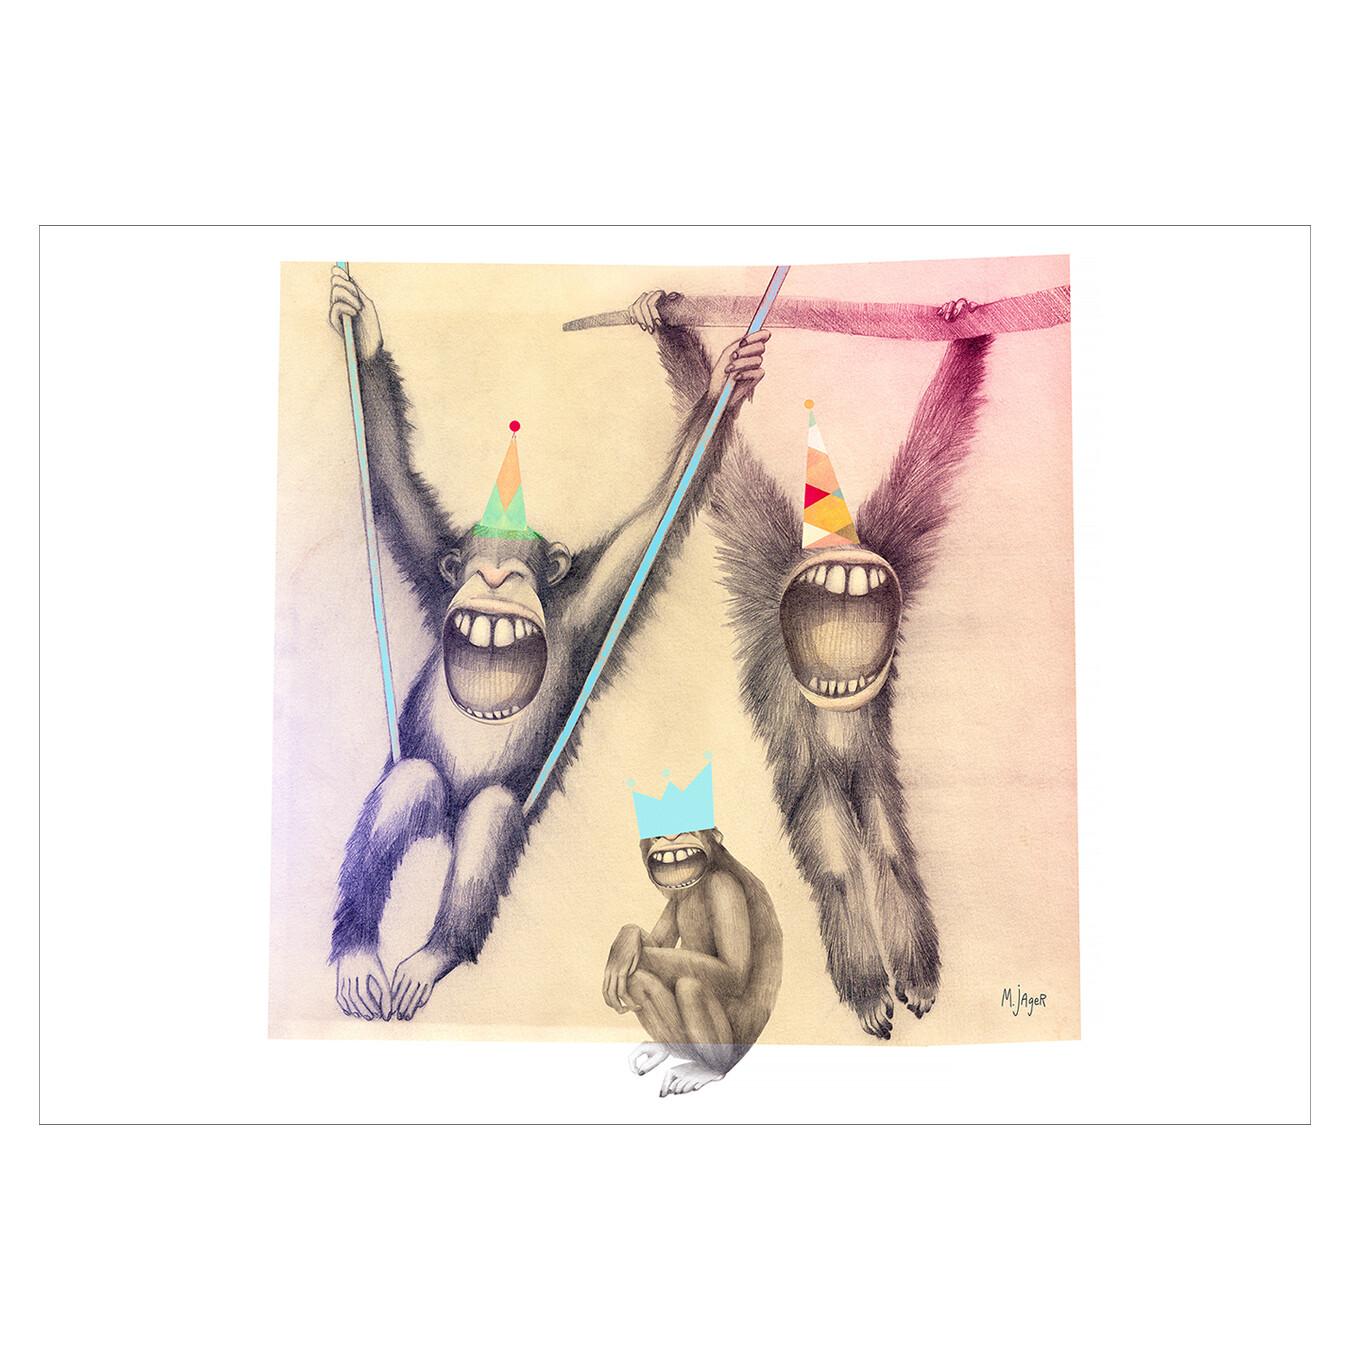 Laughing monkeys